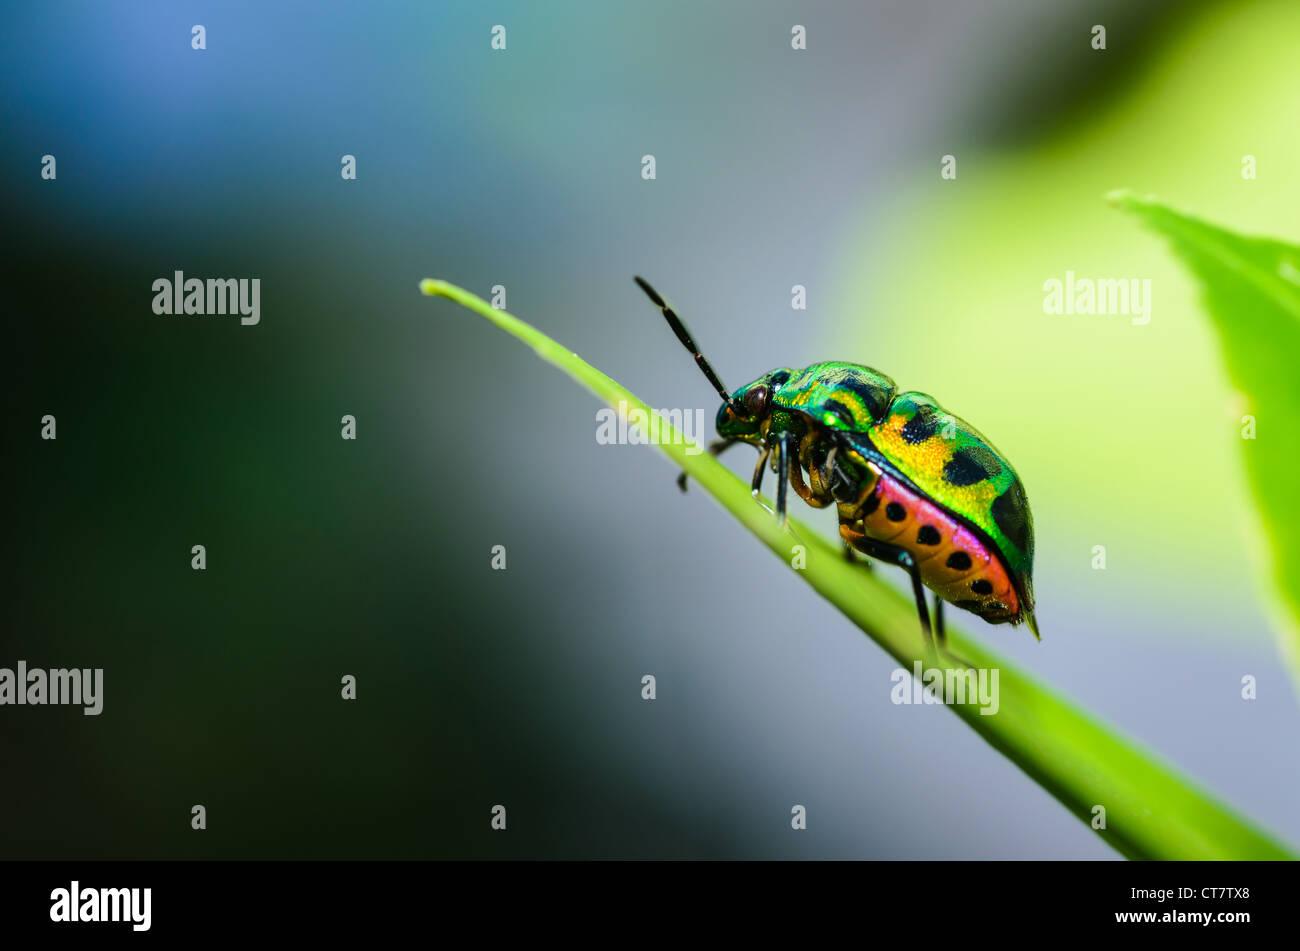 Joya bug en el verde de la naturaleza Imagen De Stock